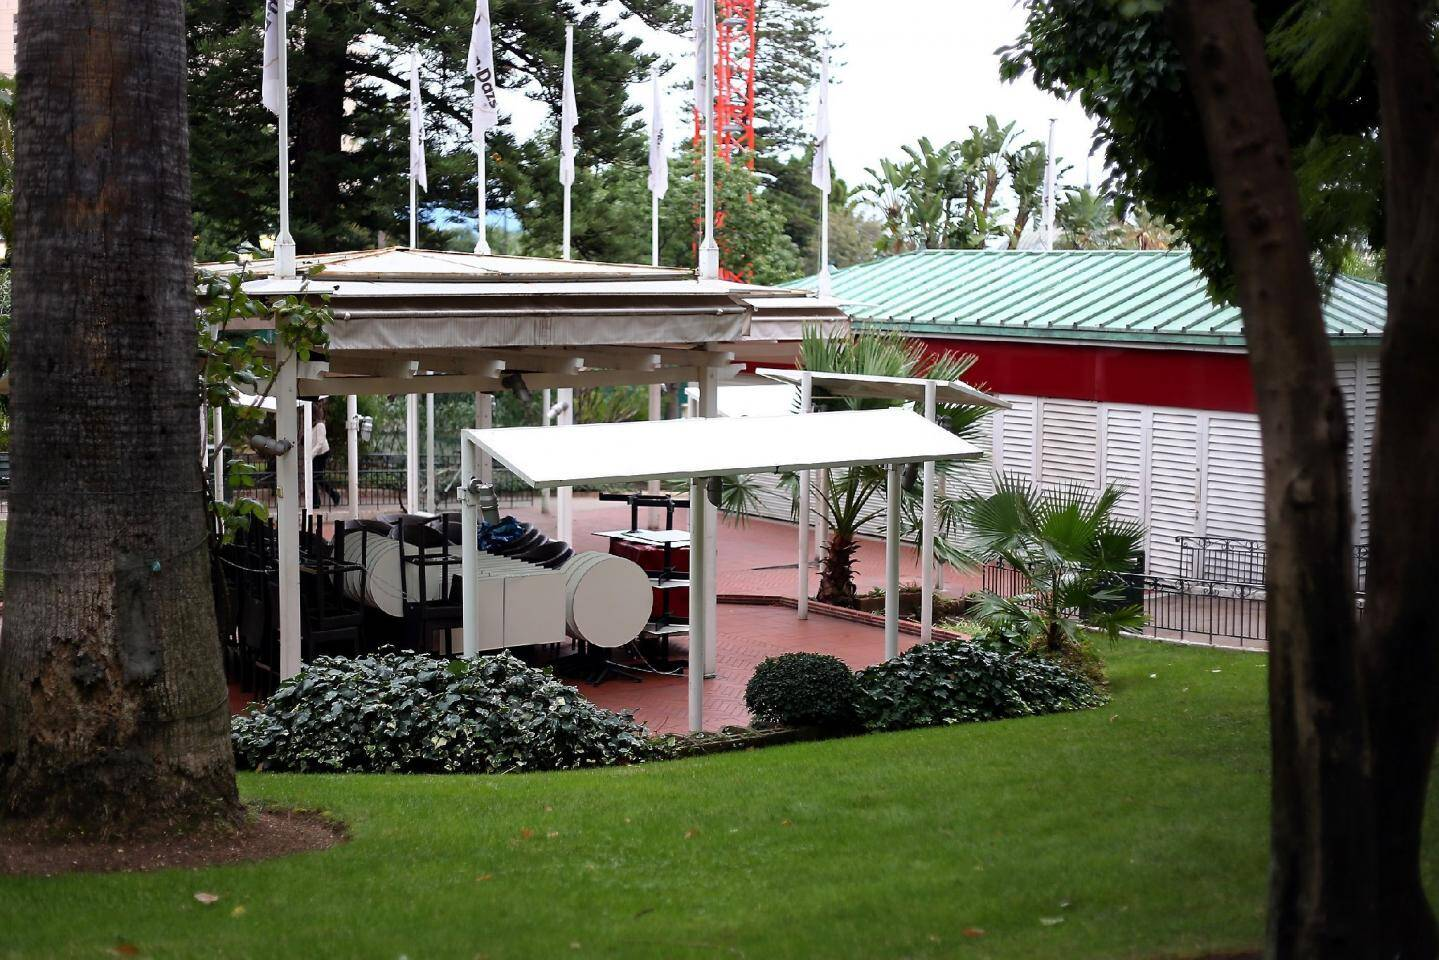 Implanté depuis 1991, le glacier Häagen Dazs met un point final à l'exploitation de son magasin, dans la galerie et son kiosque avec terrasse dans les jardins.